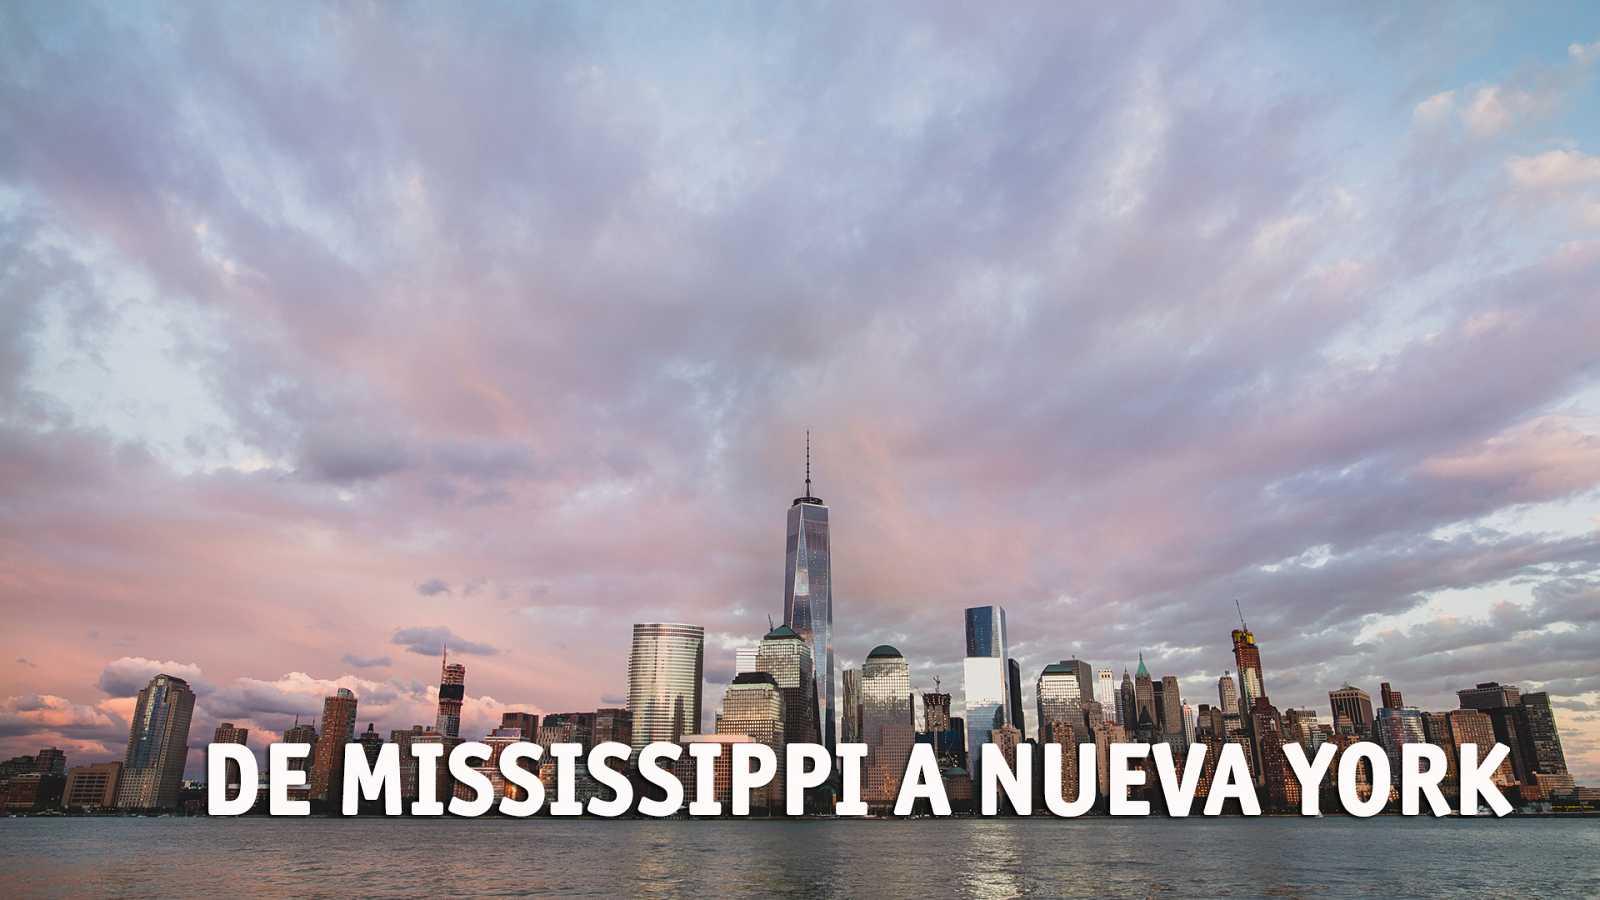 De Mississippi a Nueva York - Dos Tríos de Jazz (de Ayer y de Hoy) - 17/02/17 - escuchar ahora